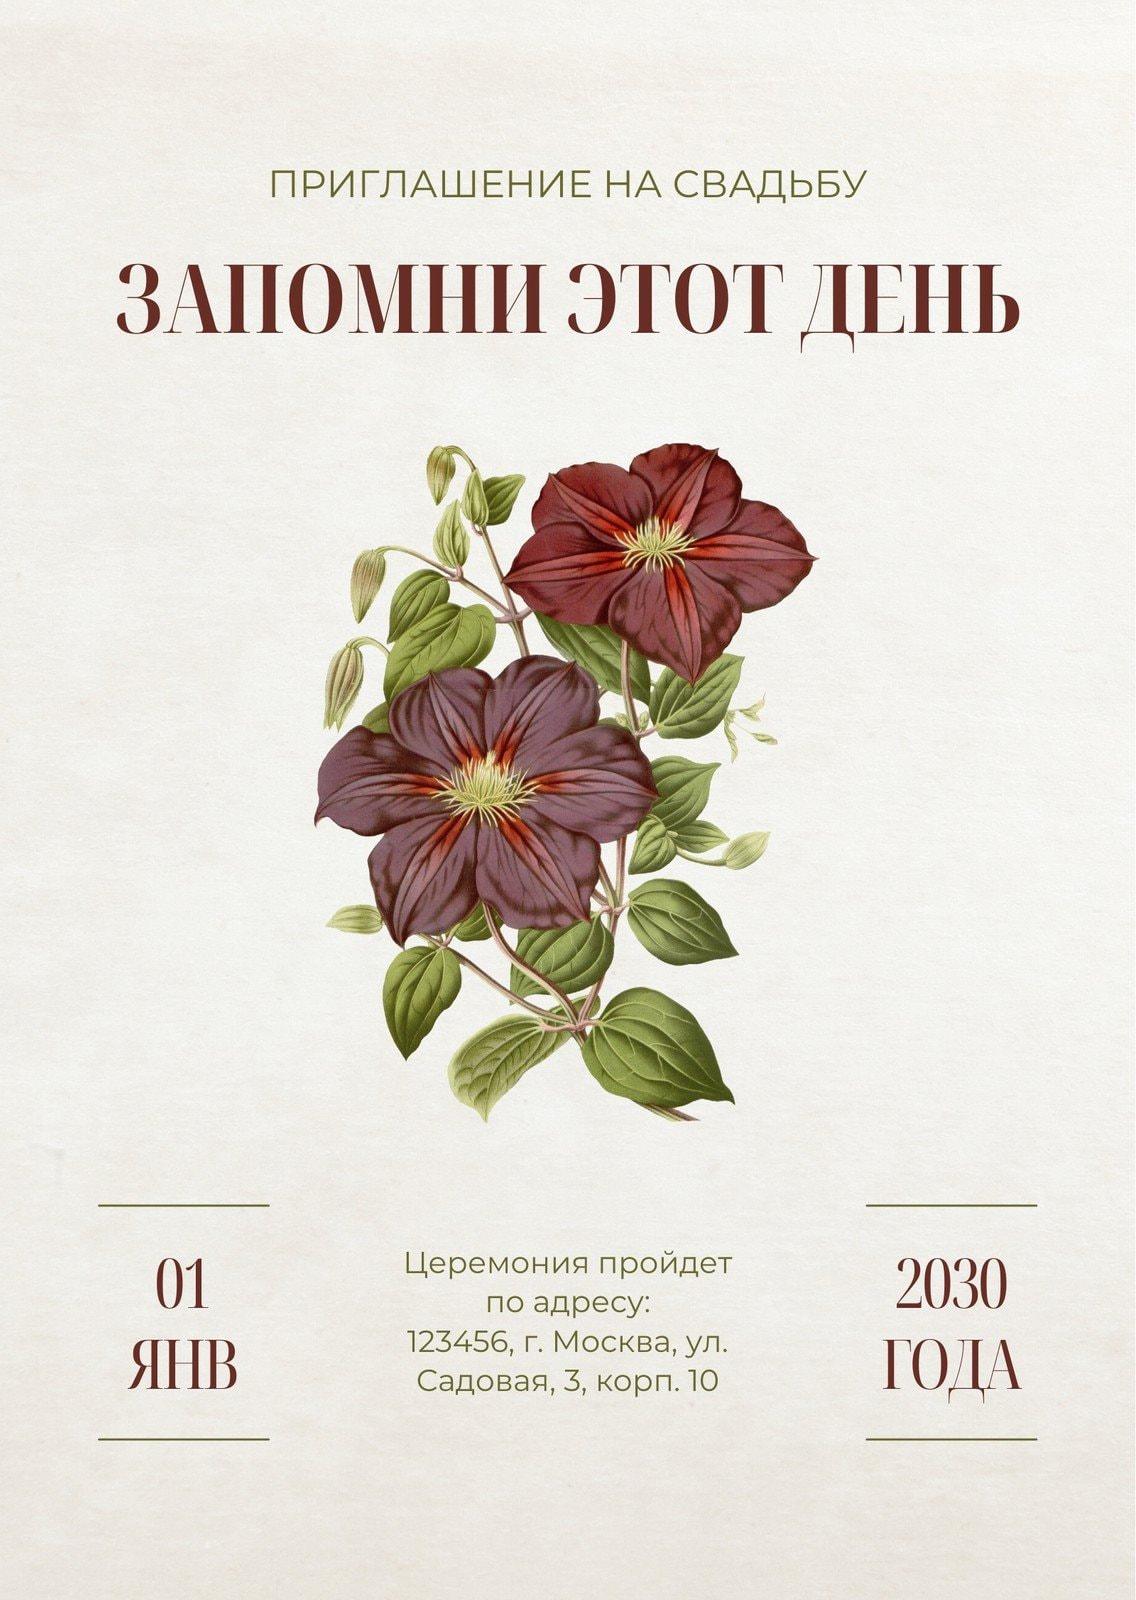 Бежевое приглашение на свадьбу с винтажным цветочным рисунком